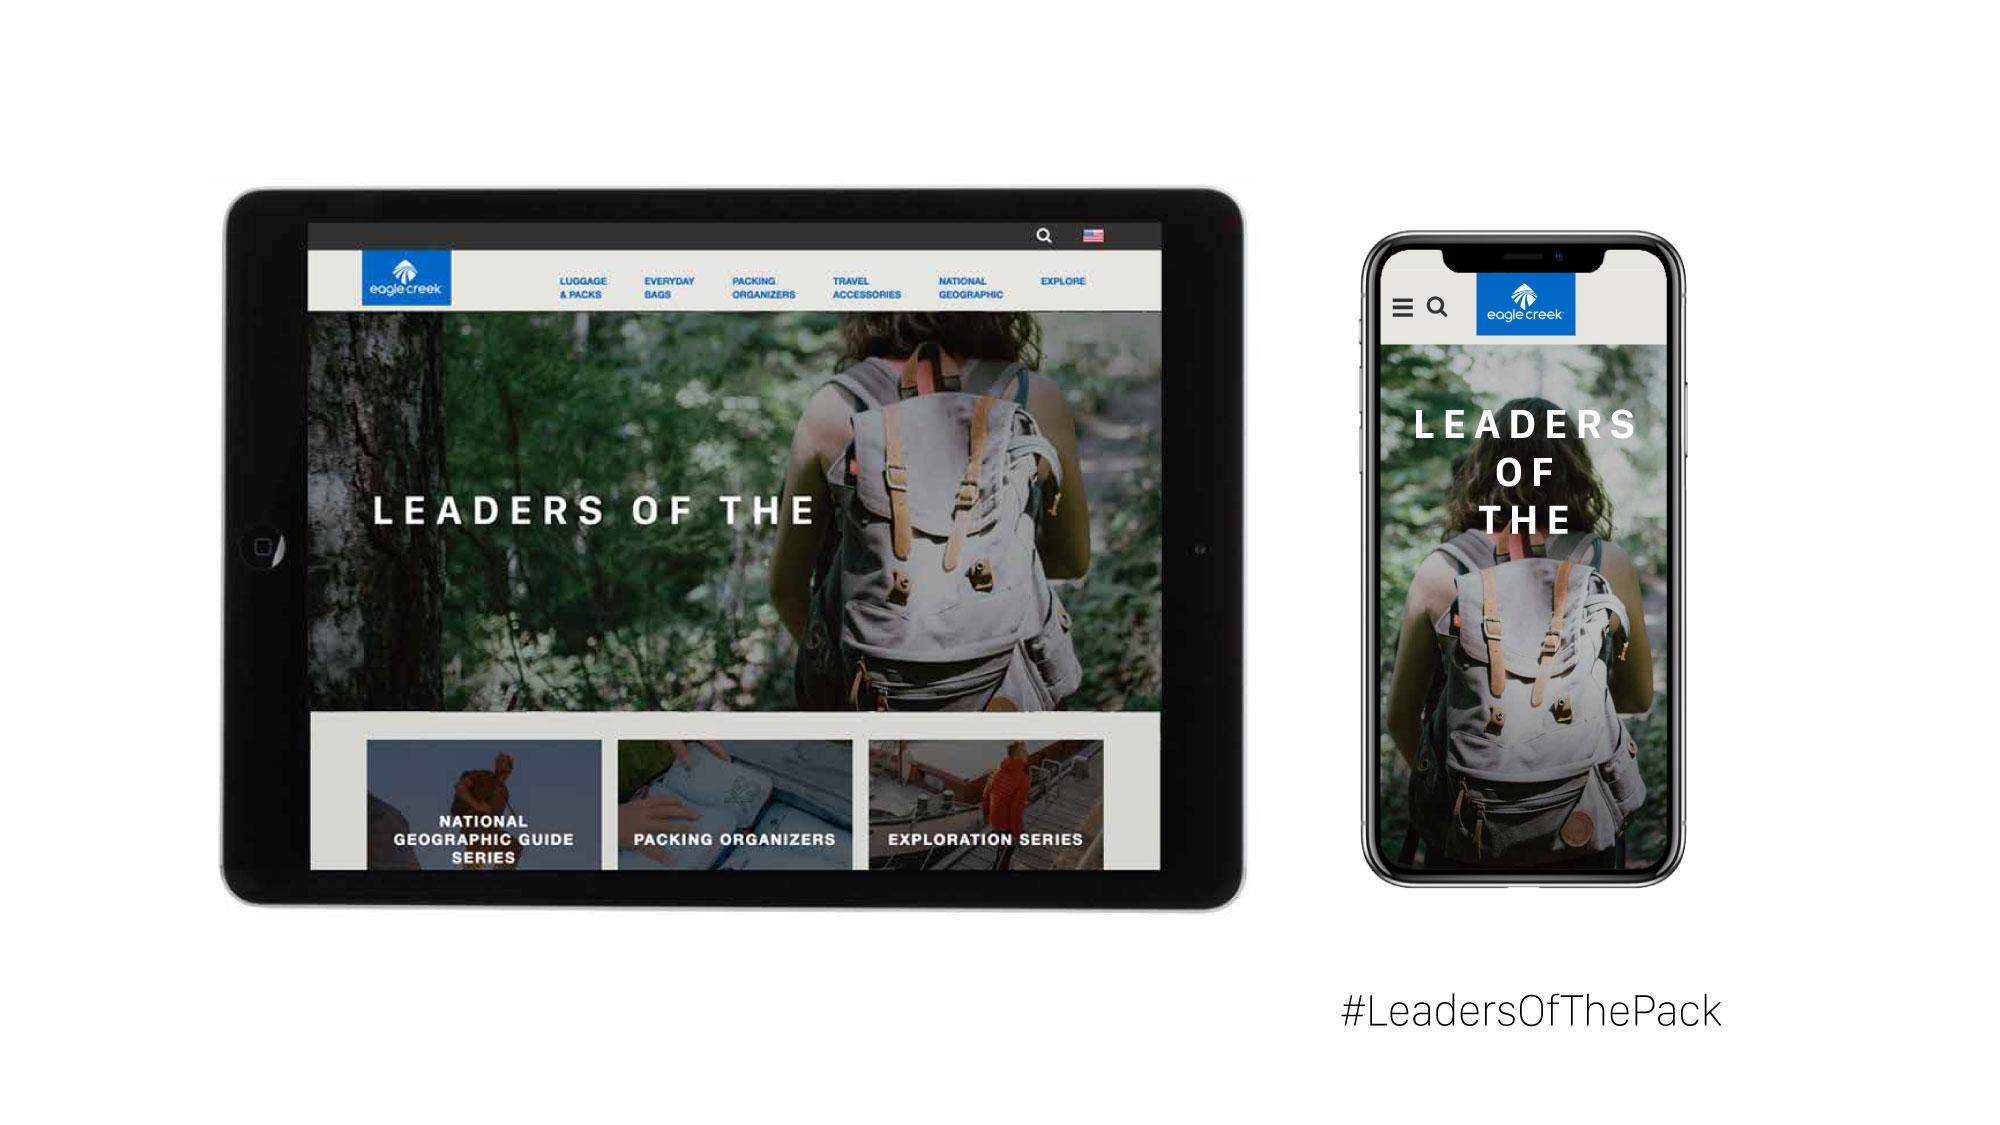 04_LeadersOfThePack_Web.jpg